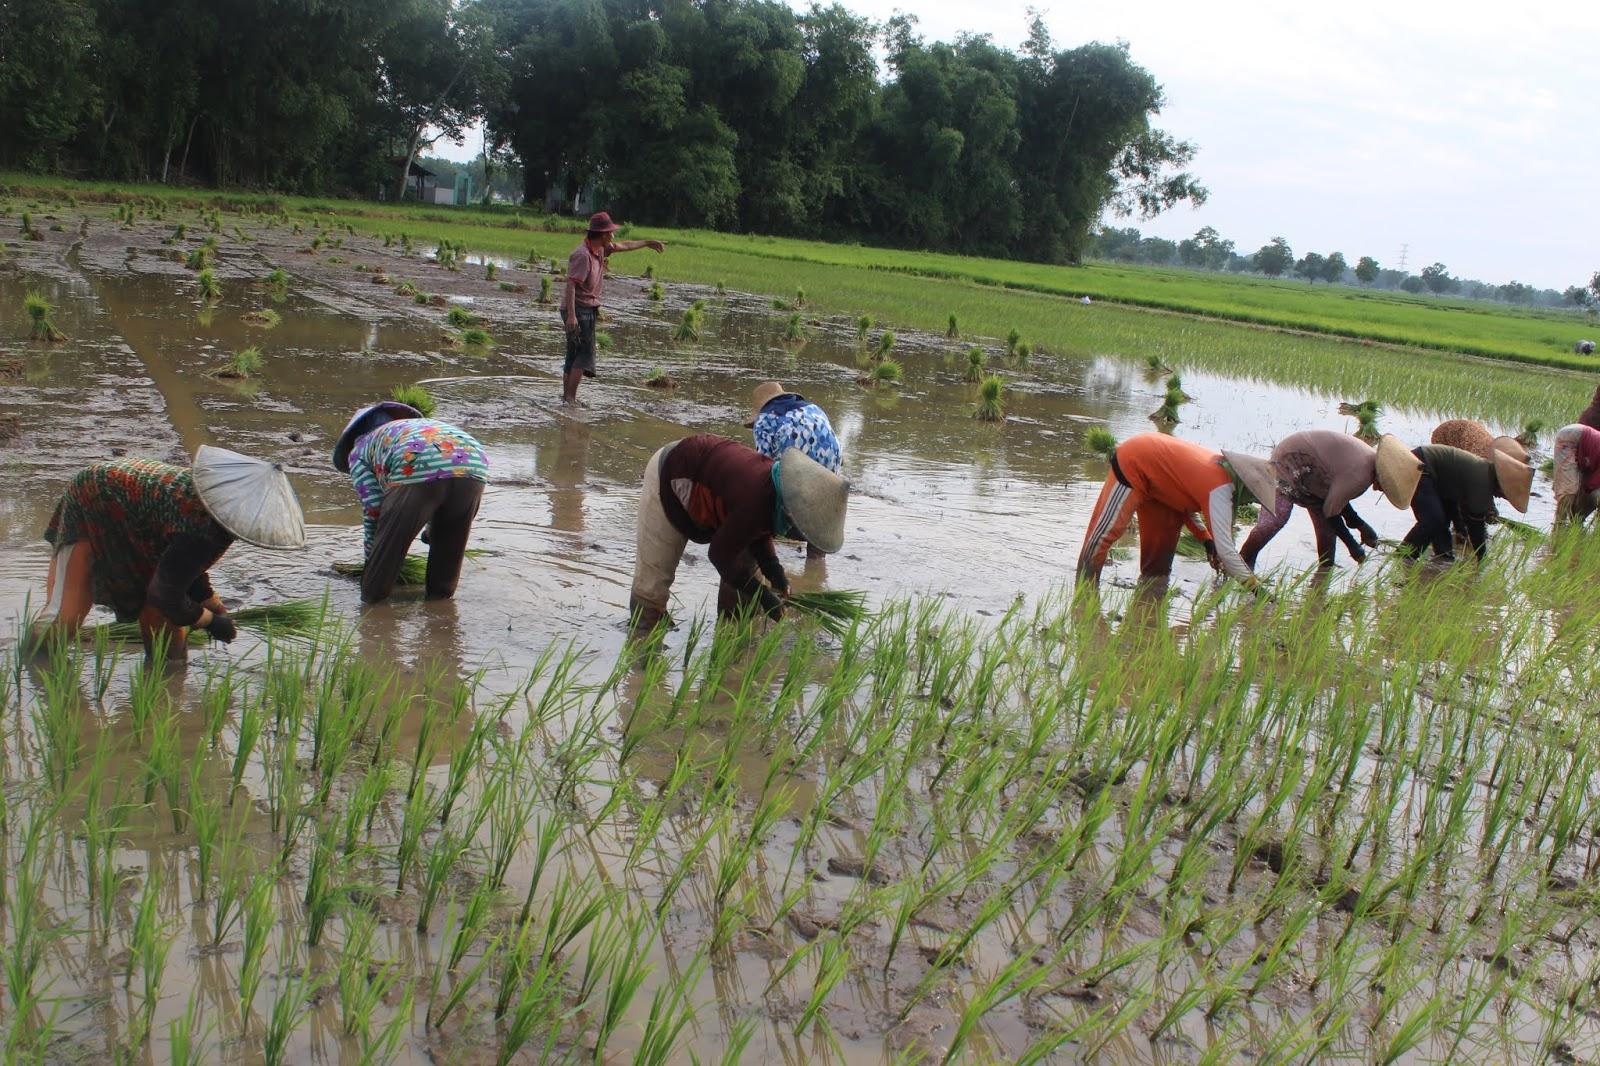 Membantu Kegiatan Menanam Padi Di Sawah Salah Satu Warga Desa Blog Desa Banyubesi